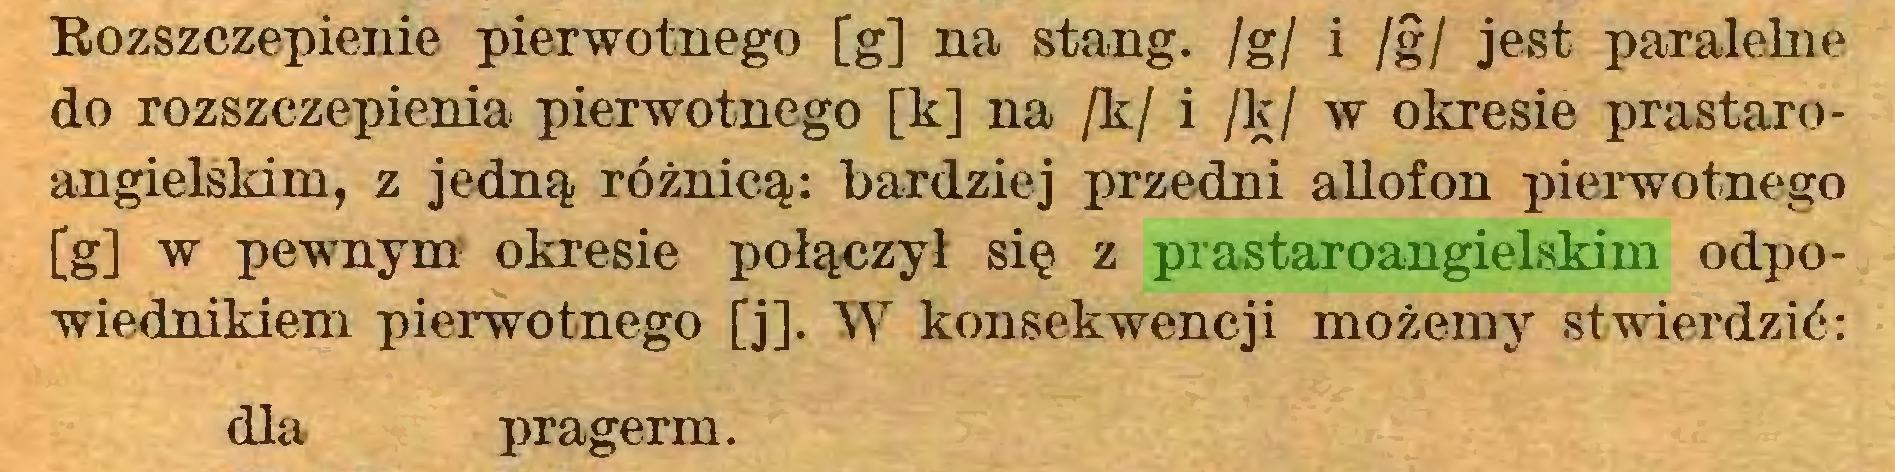 (...) Rozszczepienie pierwotnego [g] na stang. /g/ i /§/ jest paralelne do rozszczepienia pierwotnego [k] na /k/ i /k/ w okresie prastaroangielskim, z jedną różnicą: bardziej przedni allofon pierwotnego [g] w pewnym okresie połączył się z prastaroangielskim odpowiednikiem pierwotnego [j]. W konsekwencji możemy stwierdzić: dla pragerm...